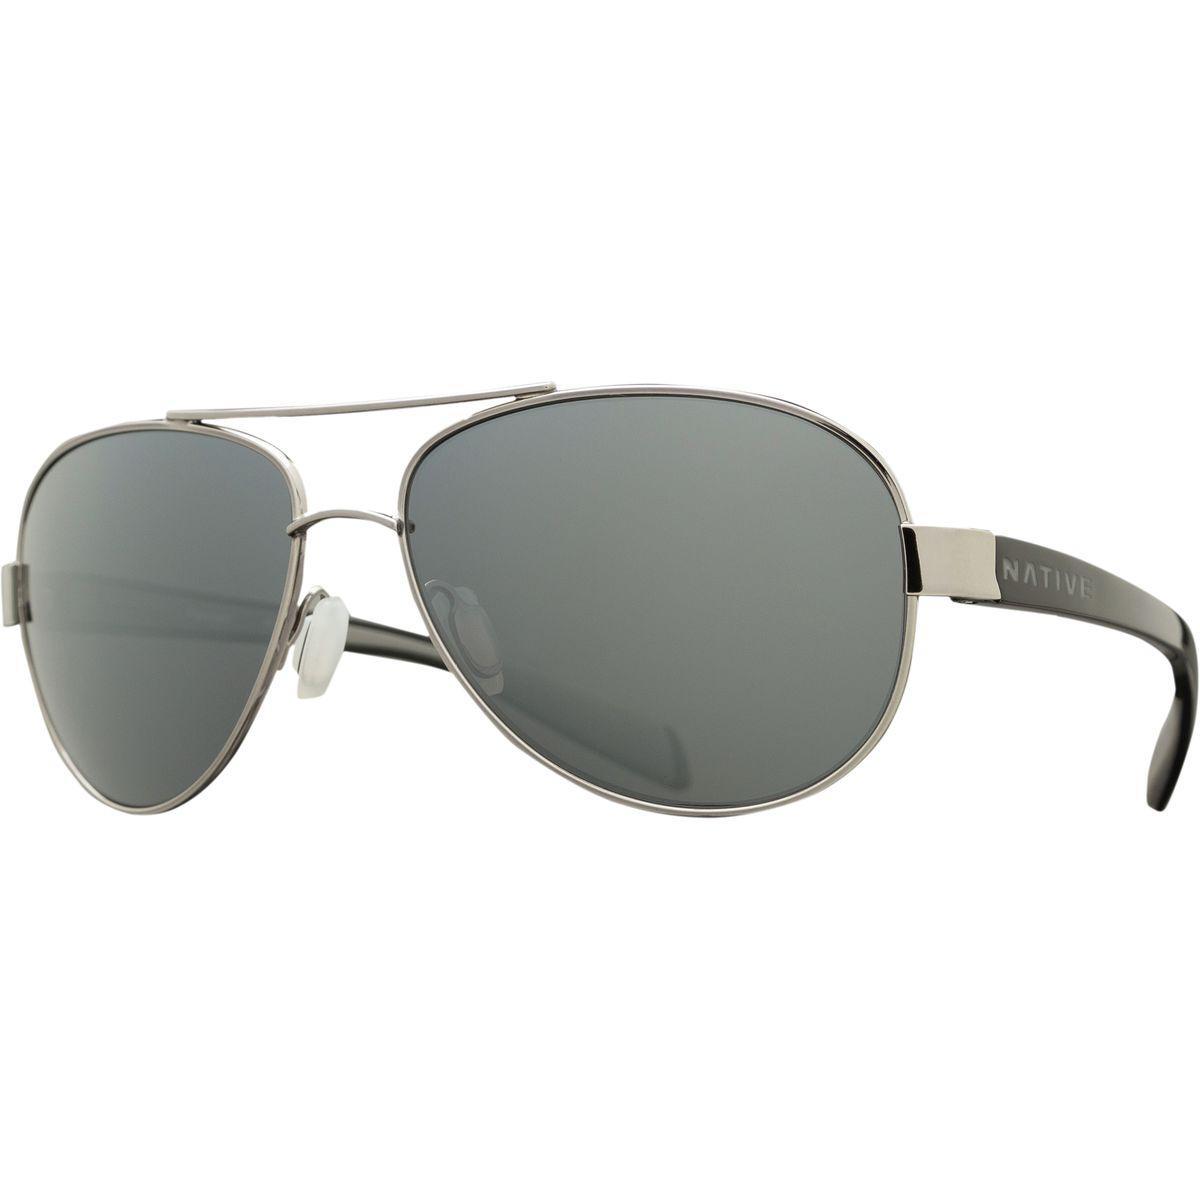 c3d3e912e3 Lyst - Native Eyewear Highline Sunglasses - Polarized for Men